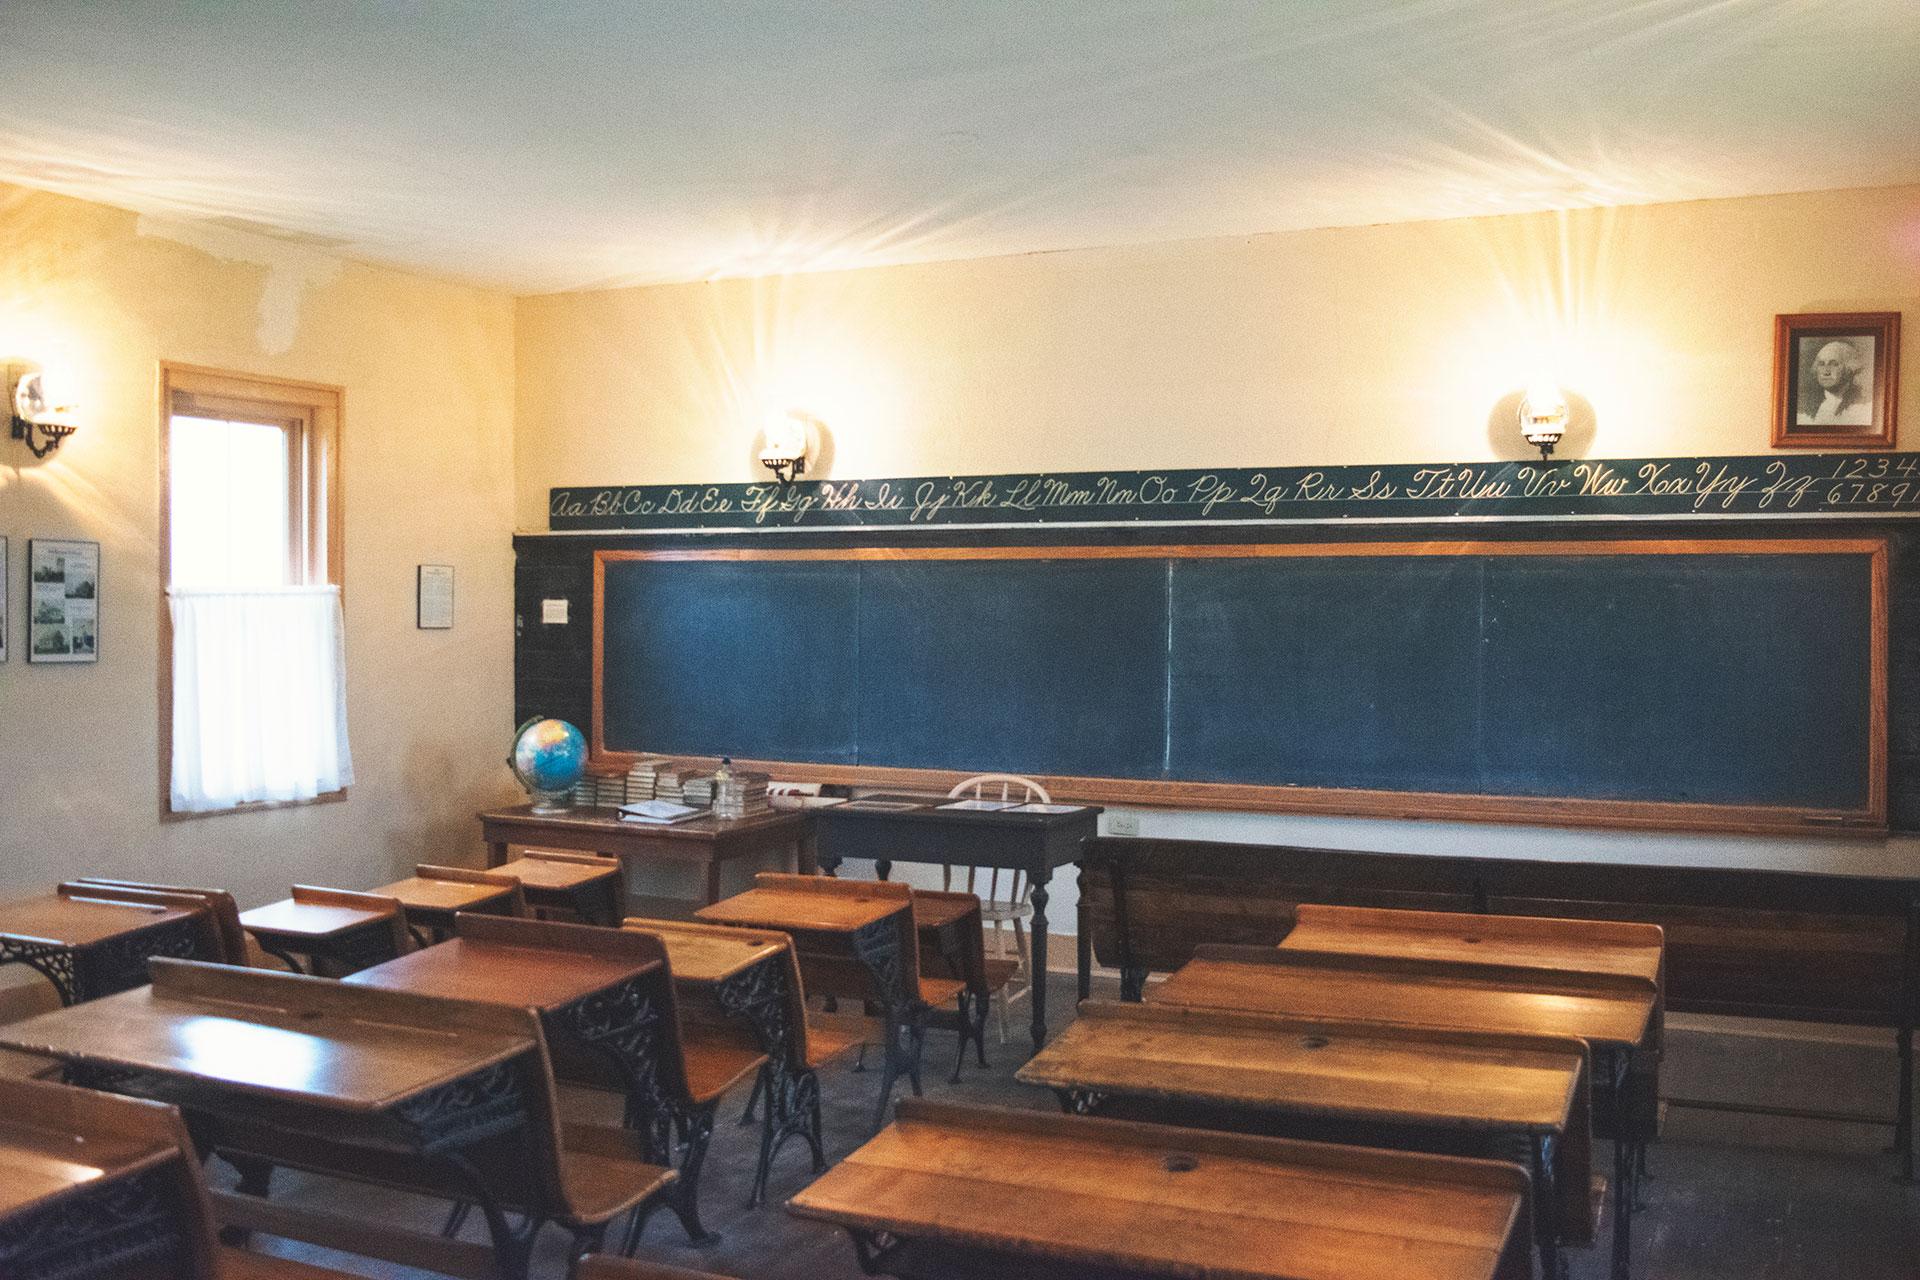 Williams School